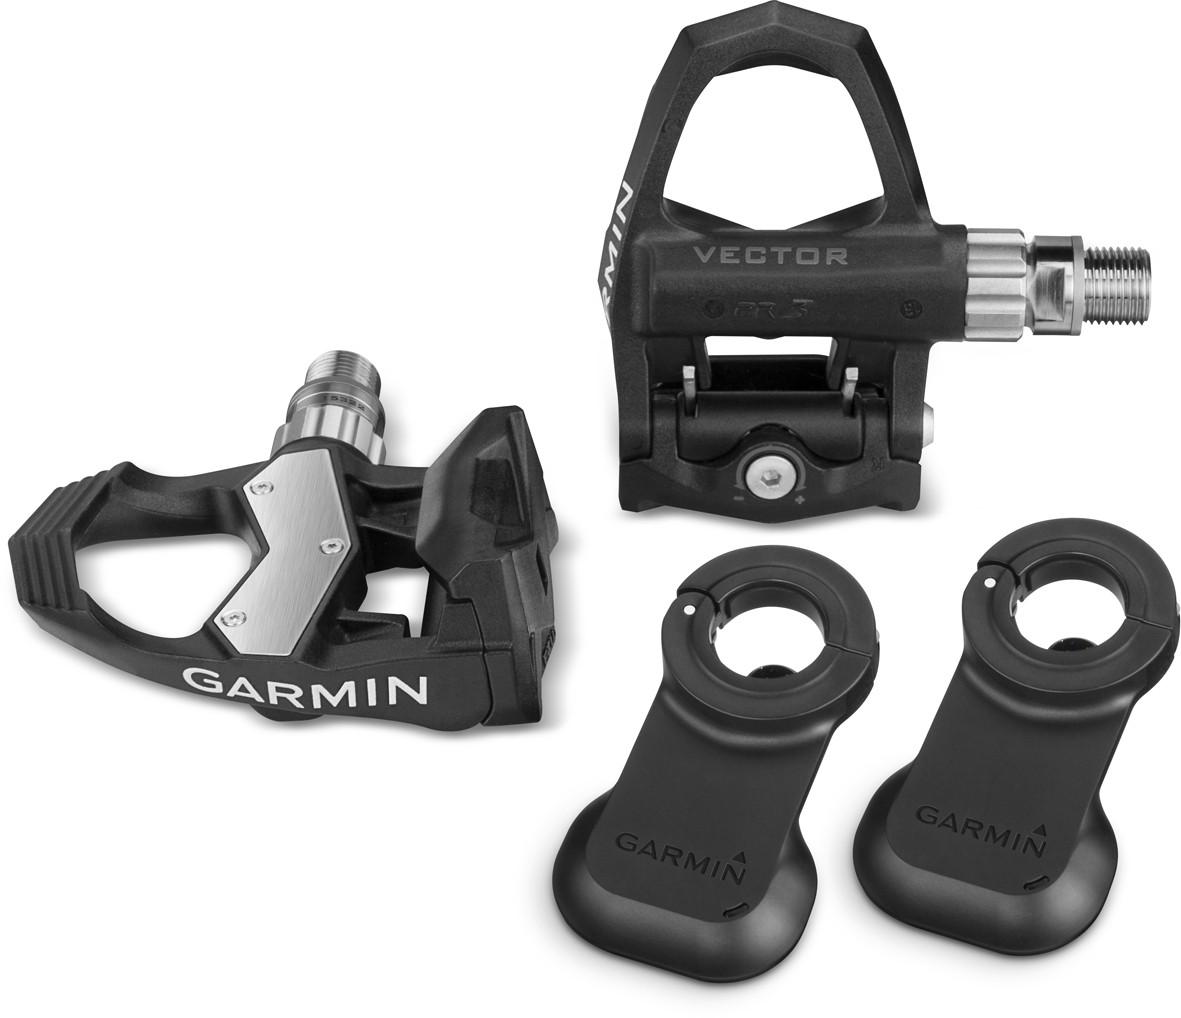 Garmin Vector Calibration